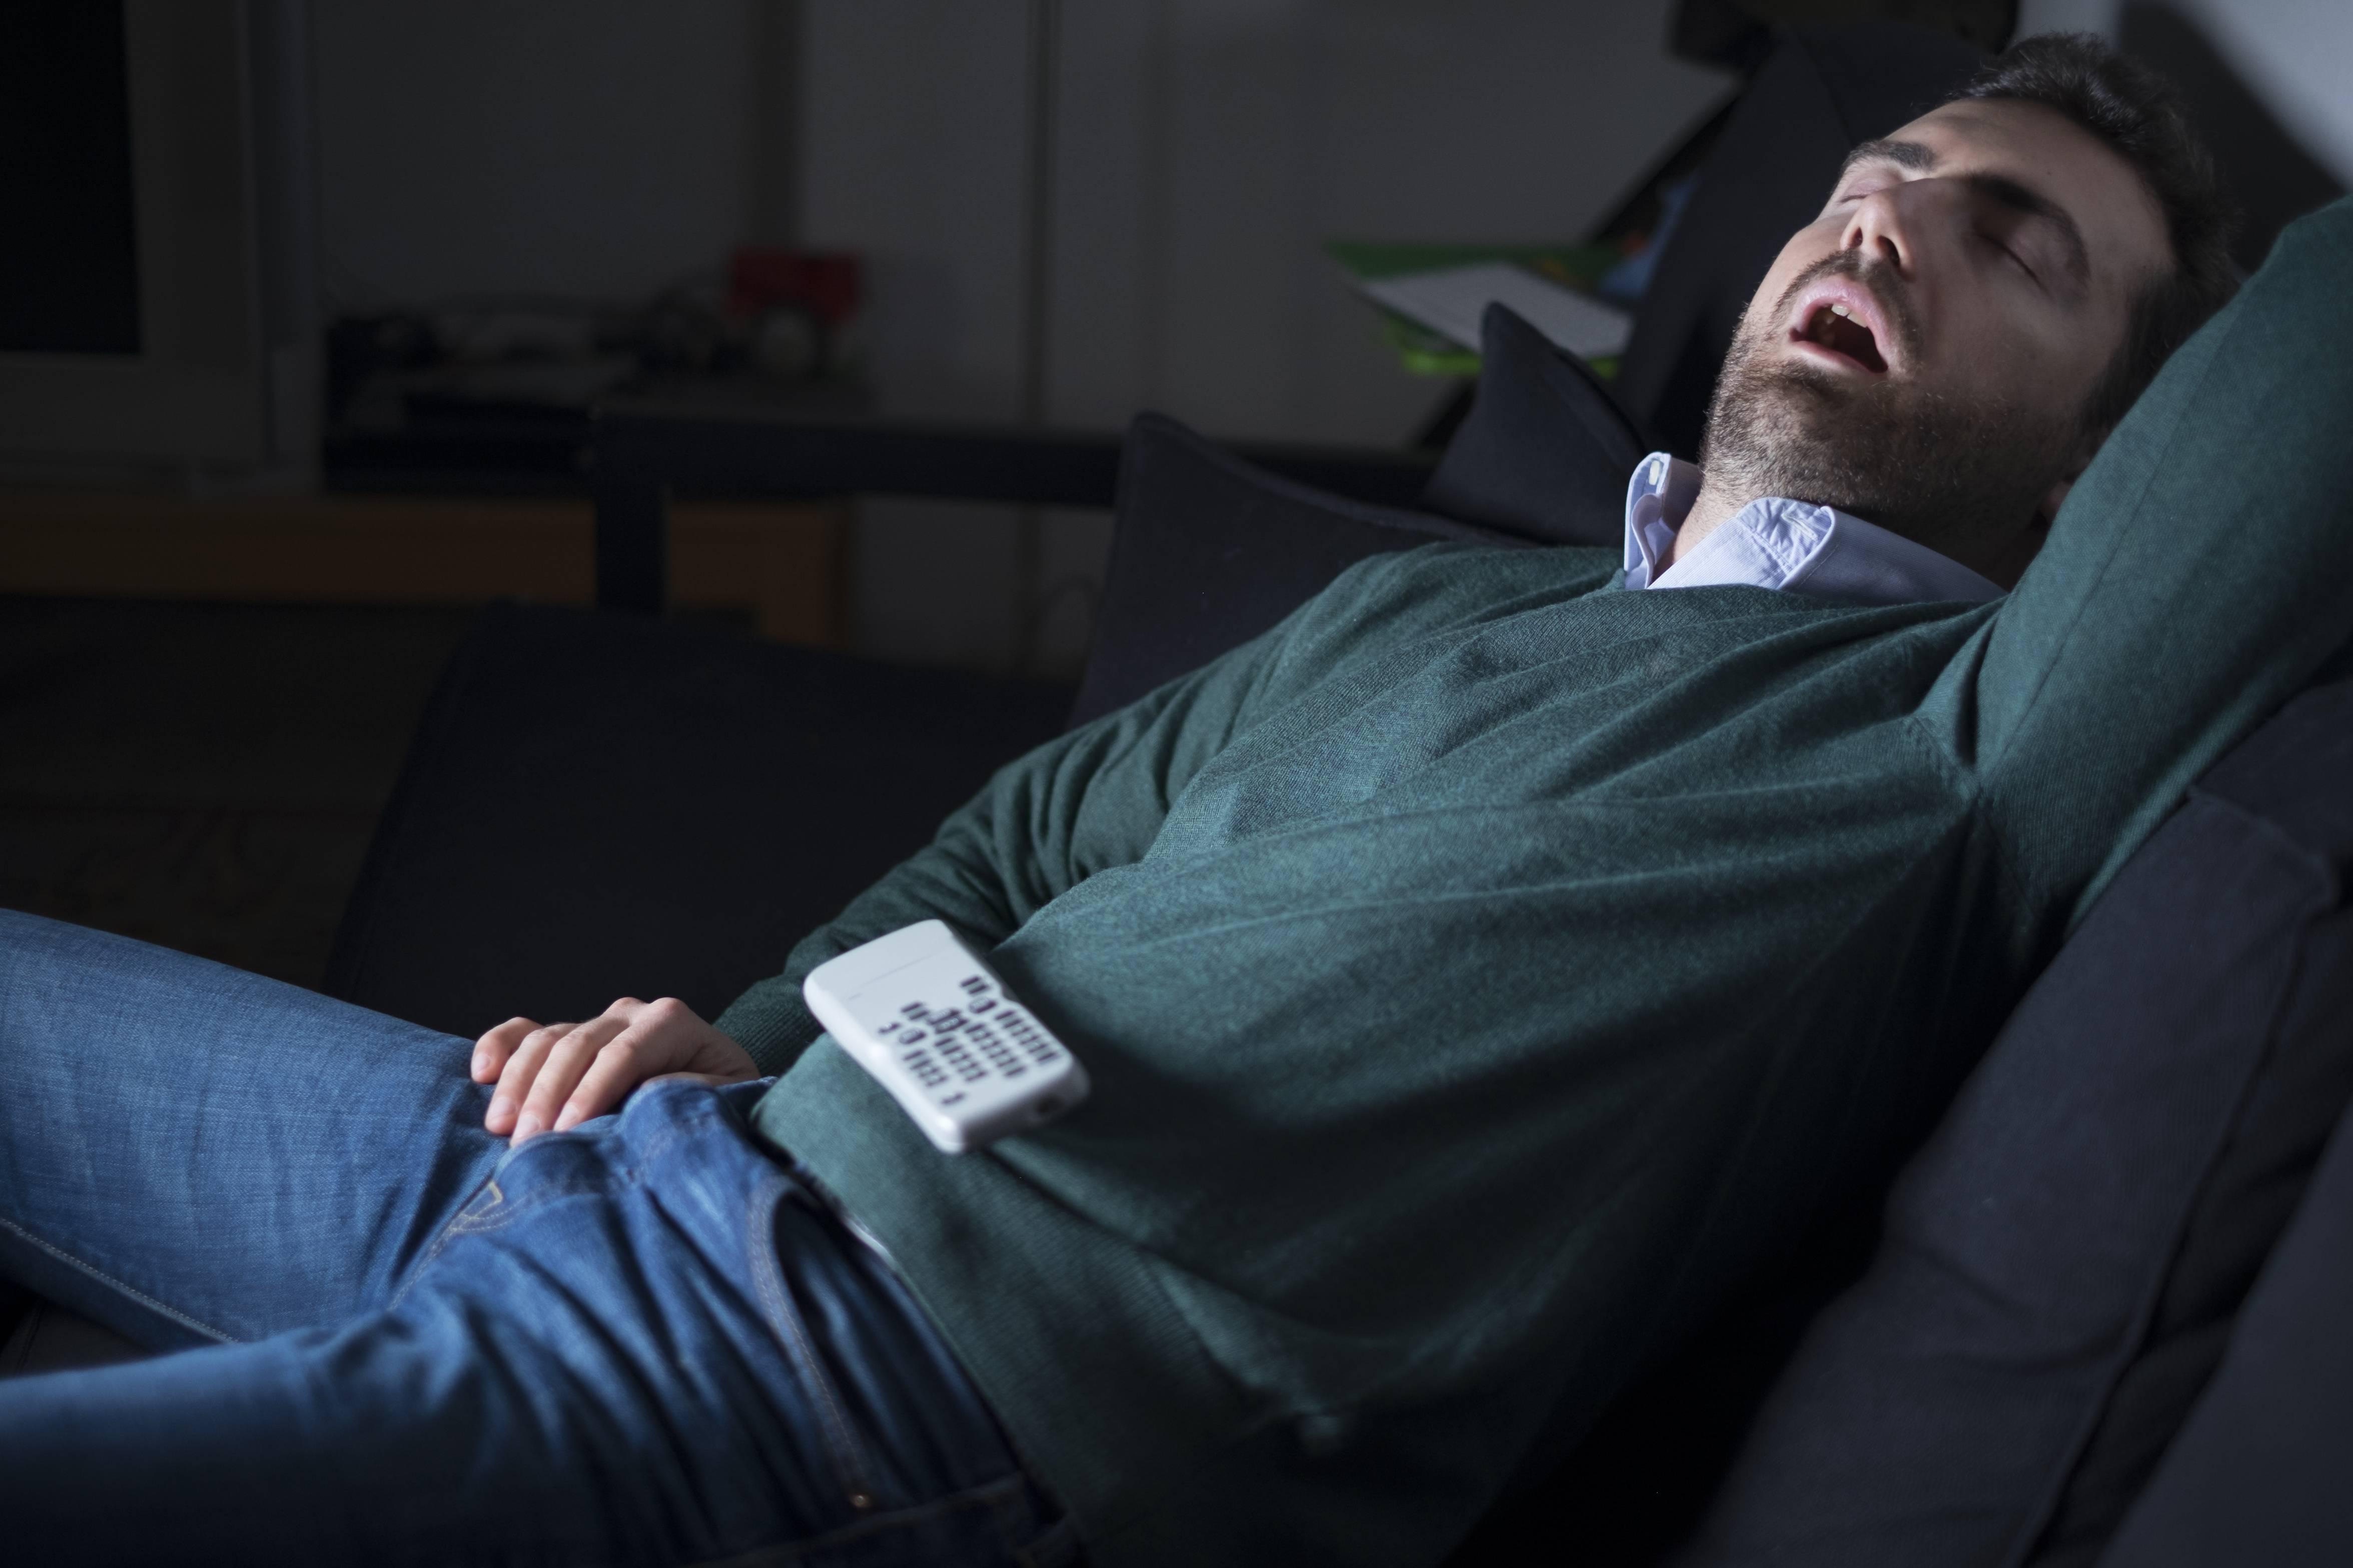 Как не спать всю ночь и остаться бодрым на весь день: что можно сделать